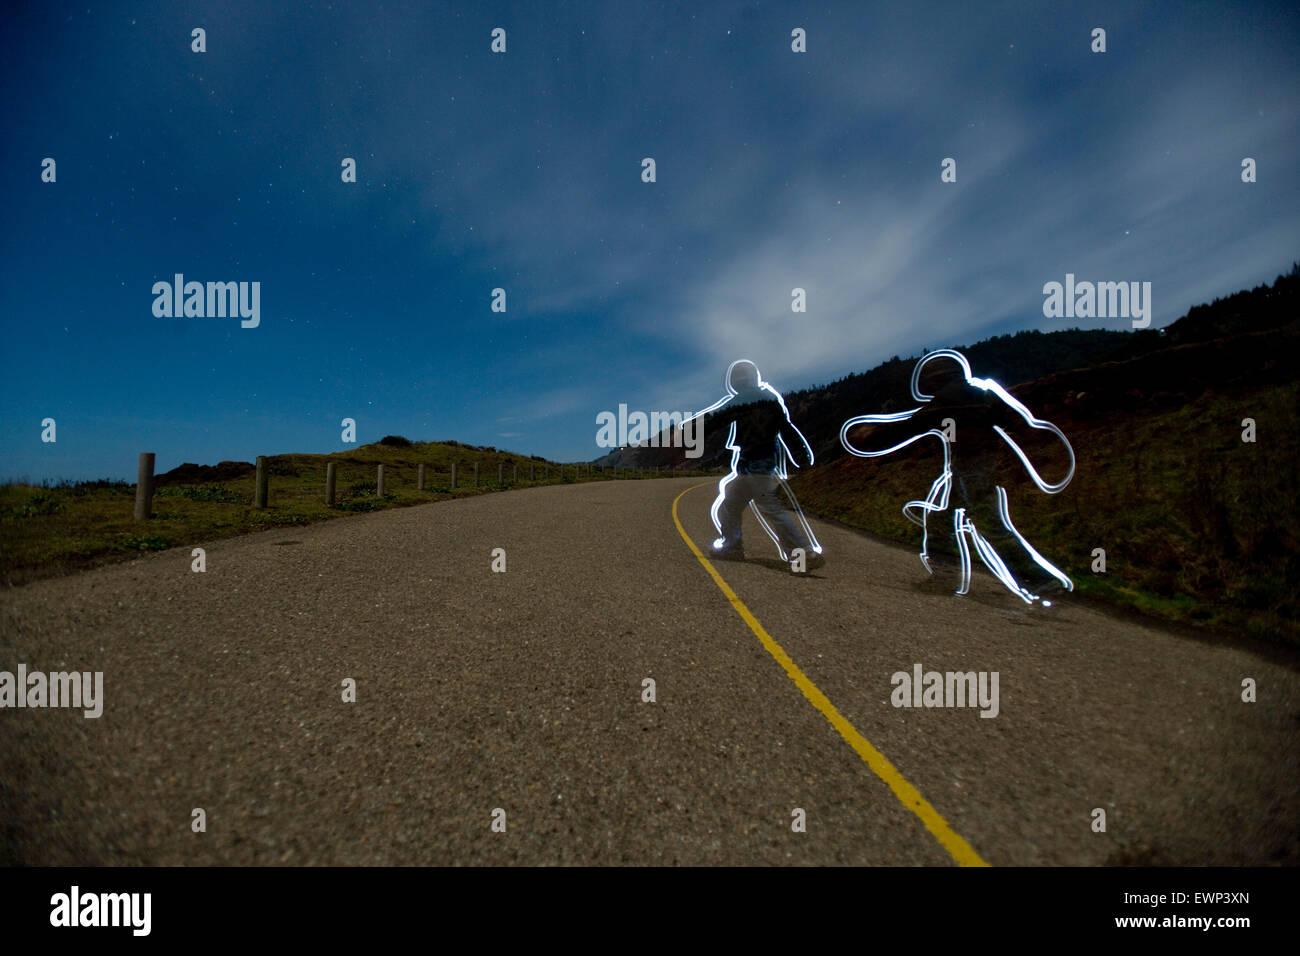 Lightpainting image de deux humains marchant sur une route Photo Stock